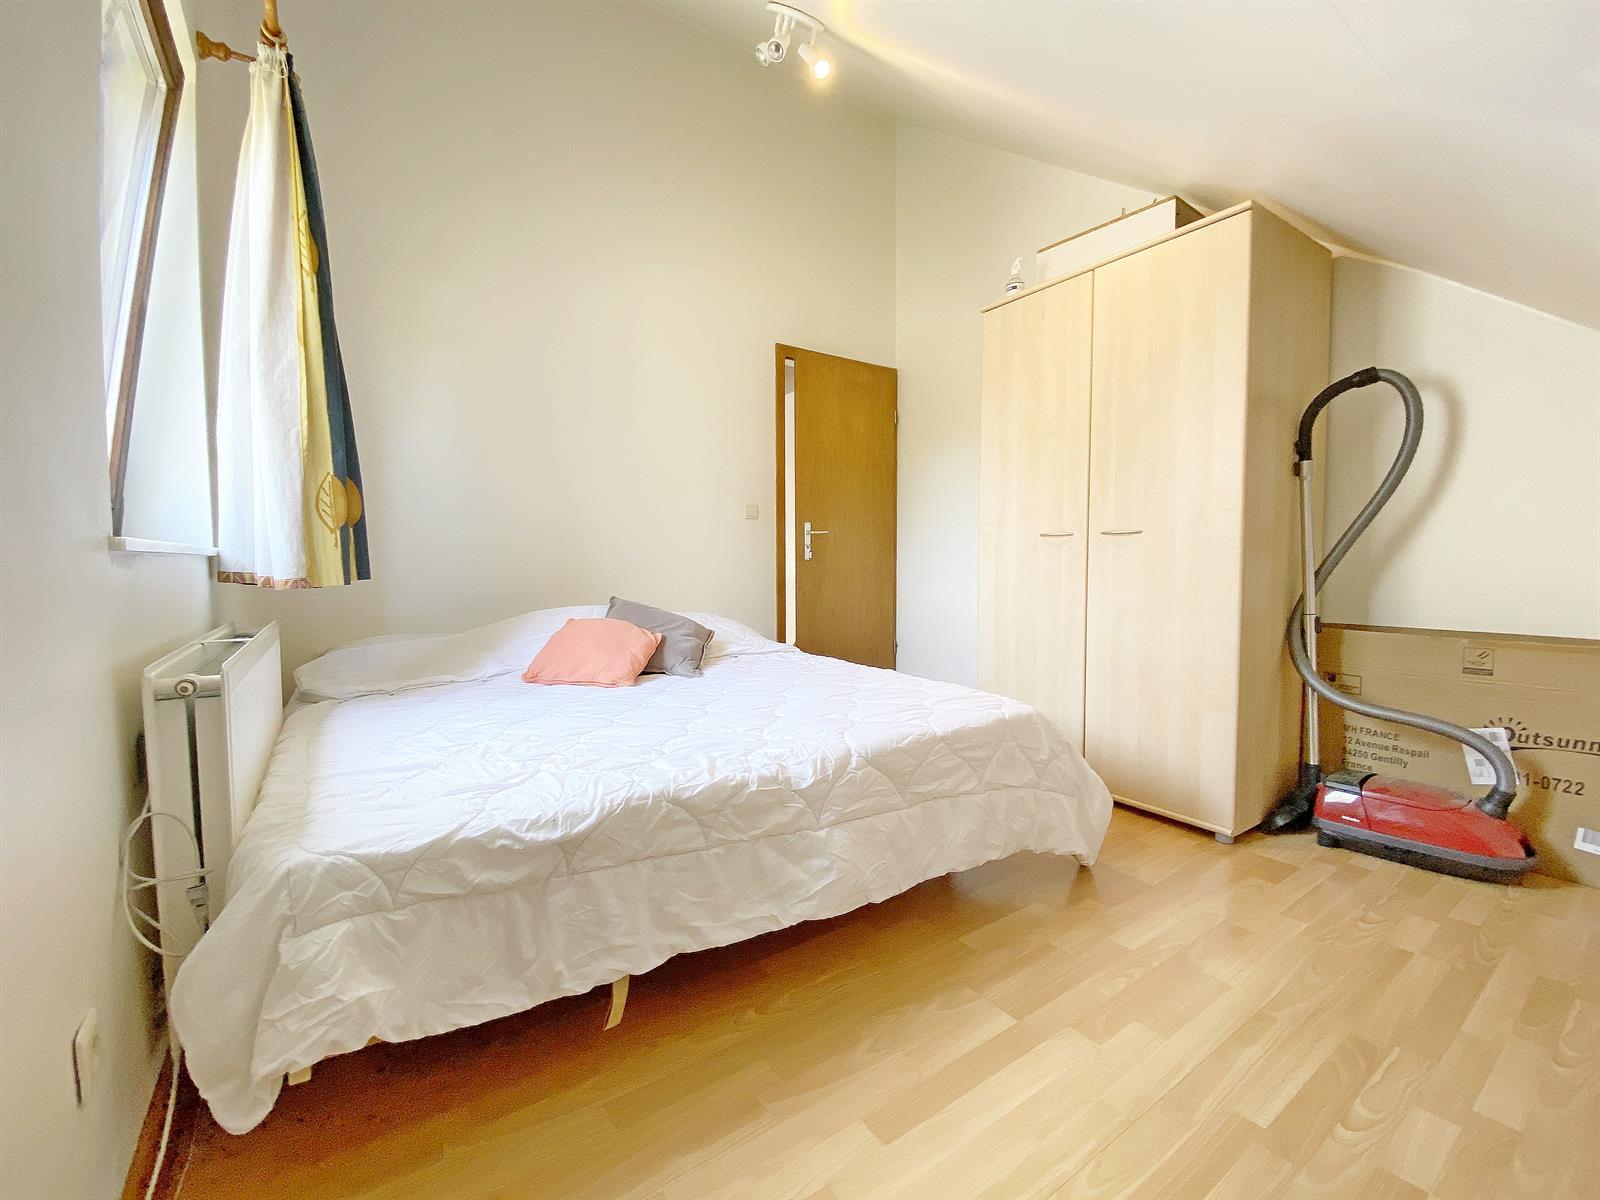 Maison - Aische-en-Refail - #4183531-14